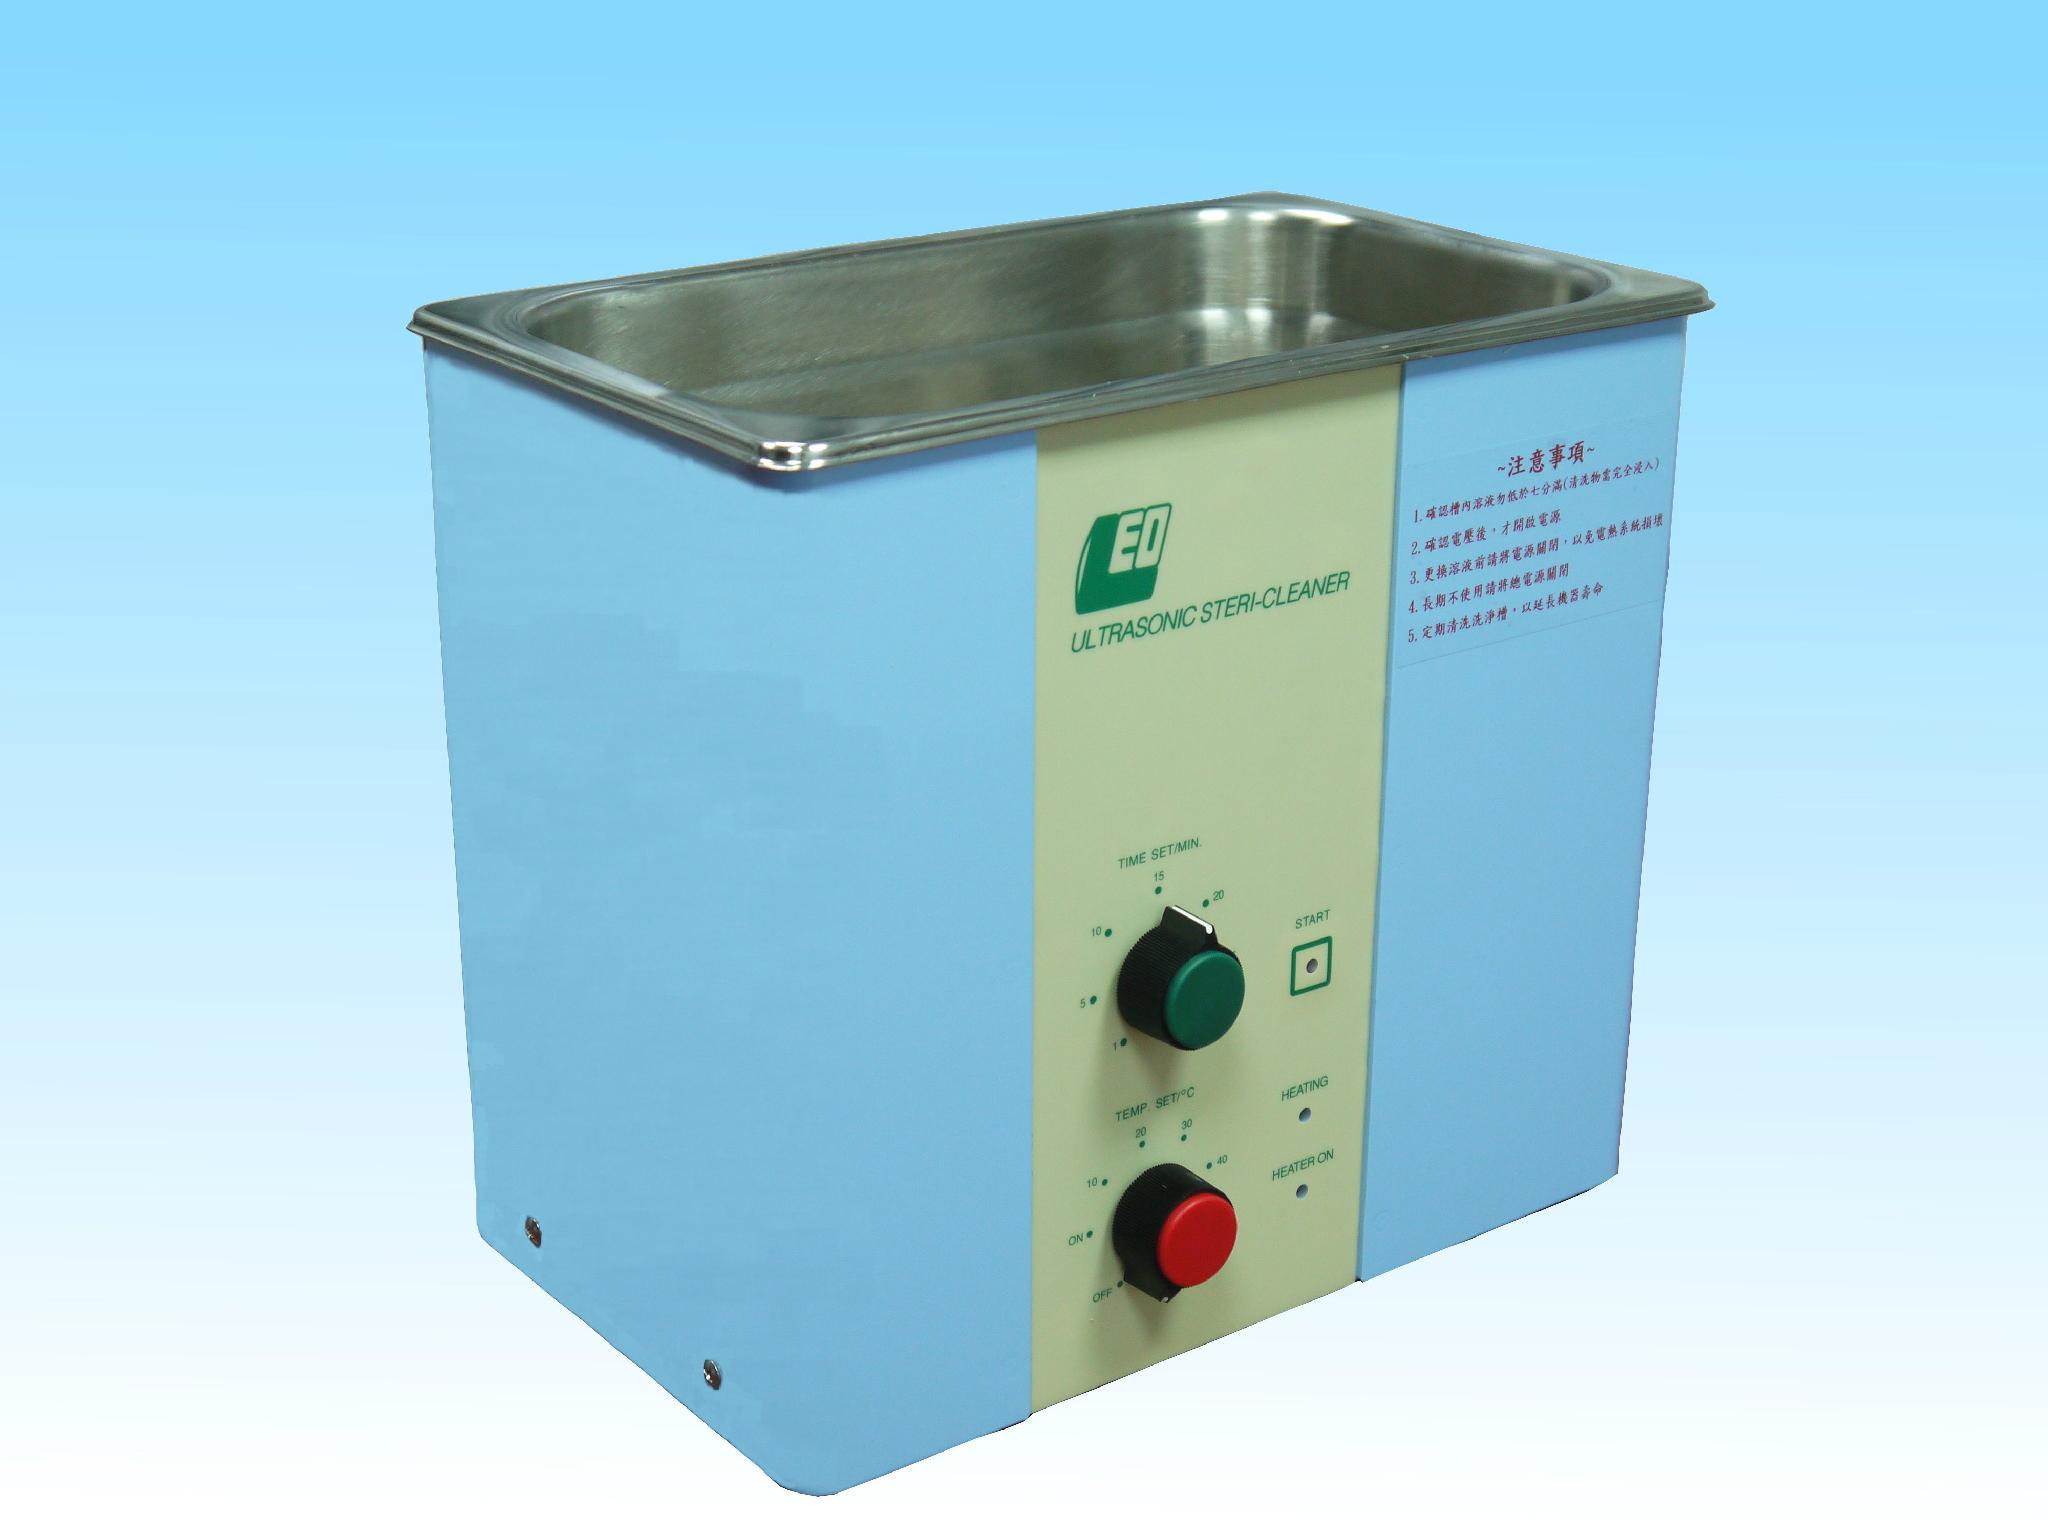 100系列-高质量实验室及医疗器具专用超音波清洗机特价 1